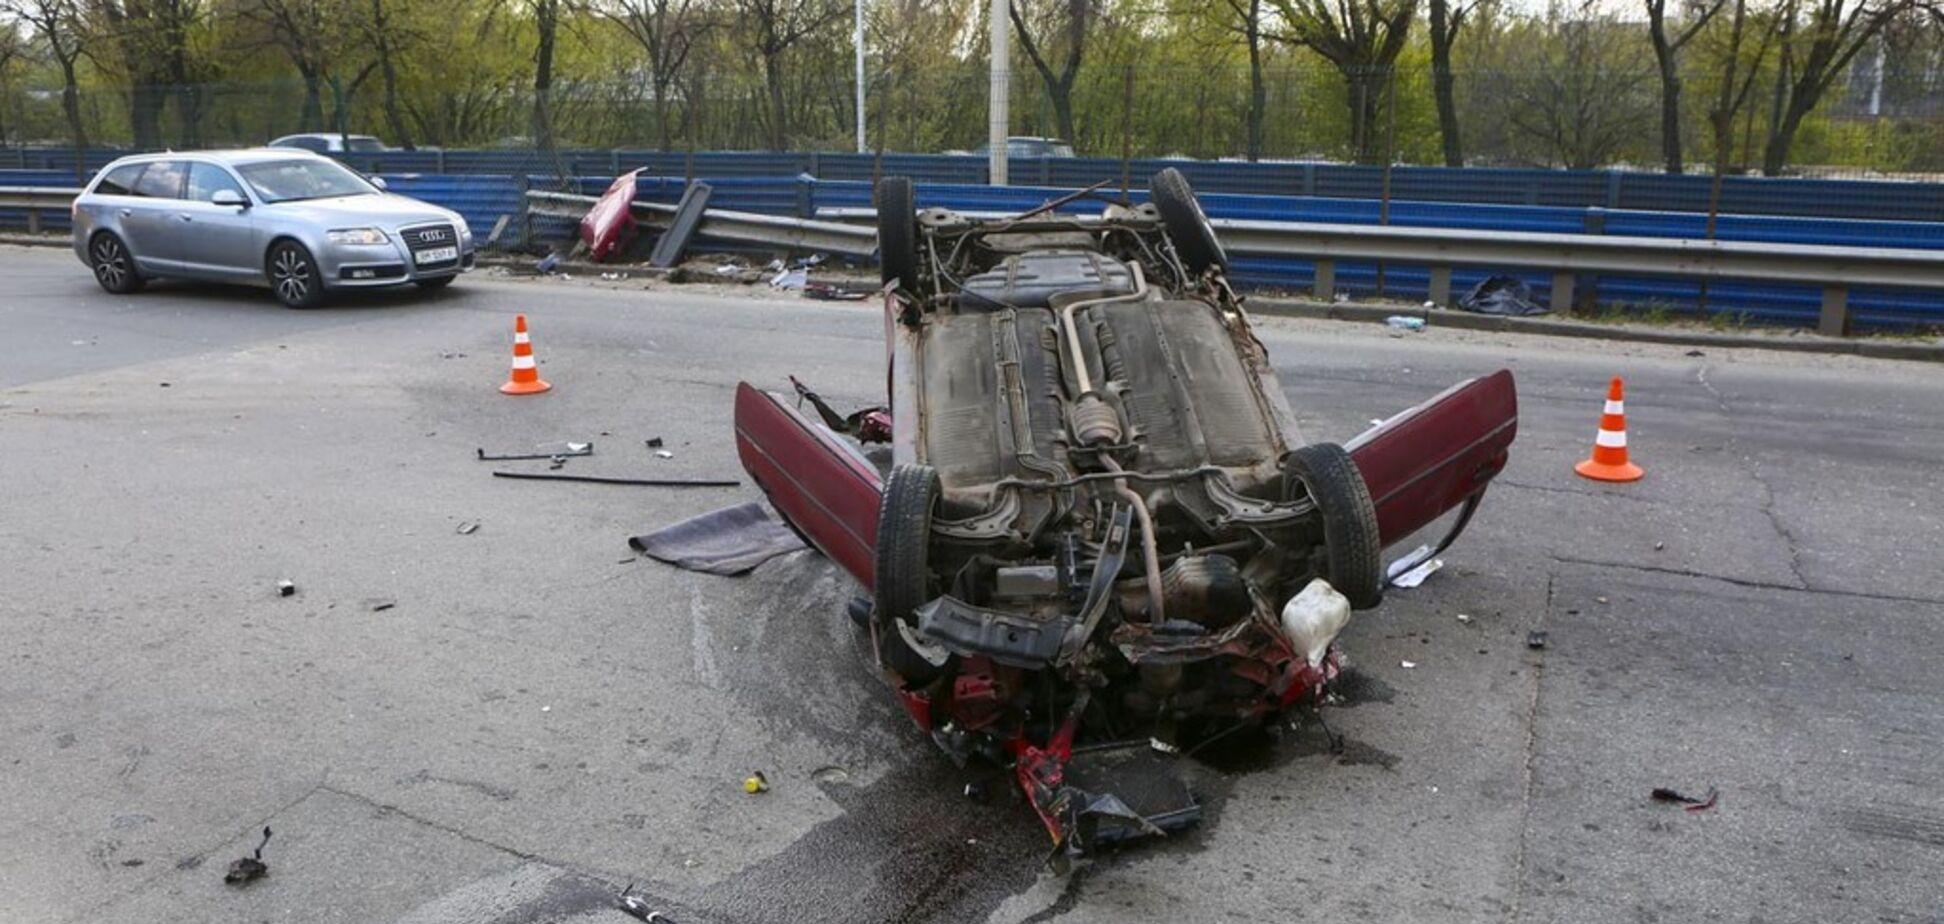 Попало в яму: в Киеве произошло ДТП с опрокидыванием авто